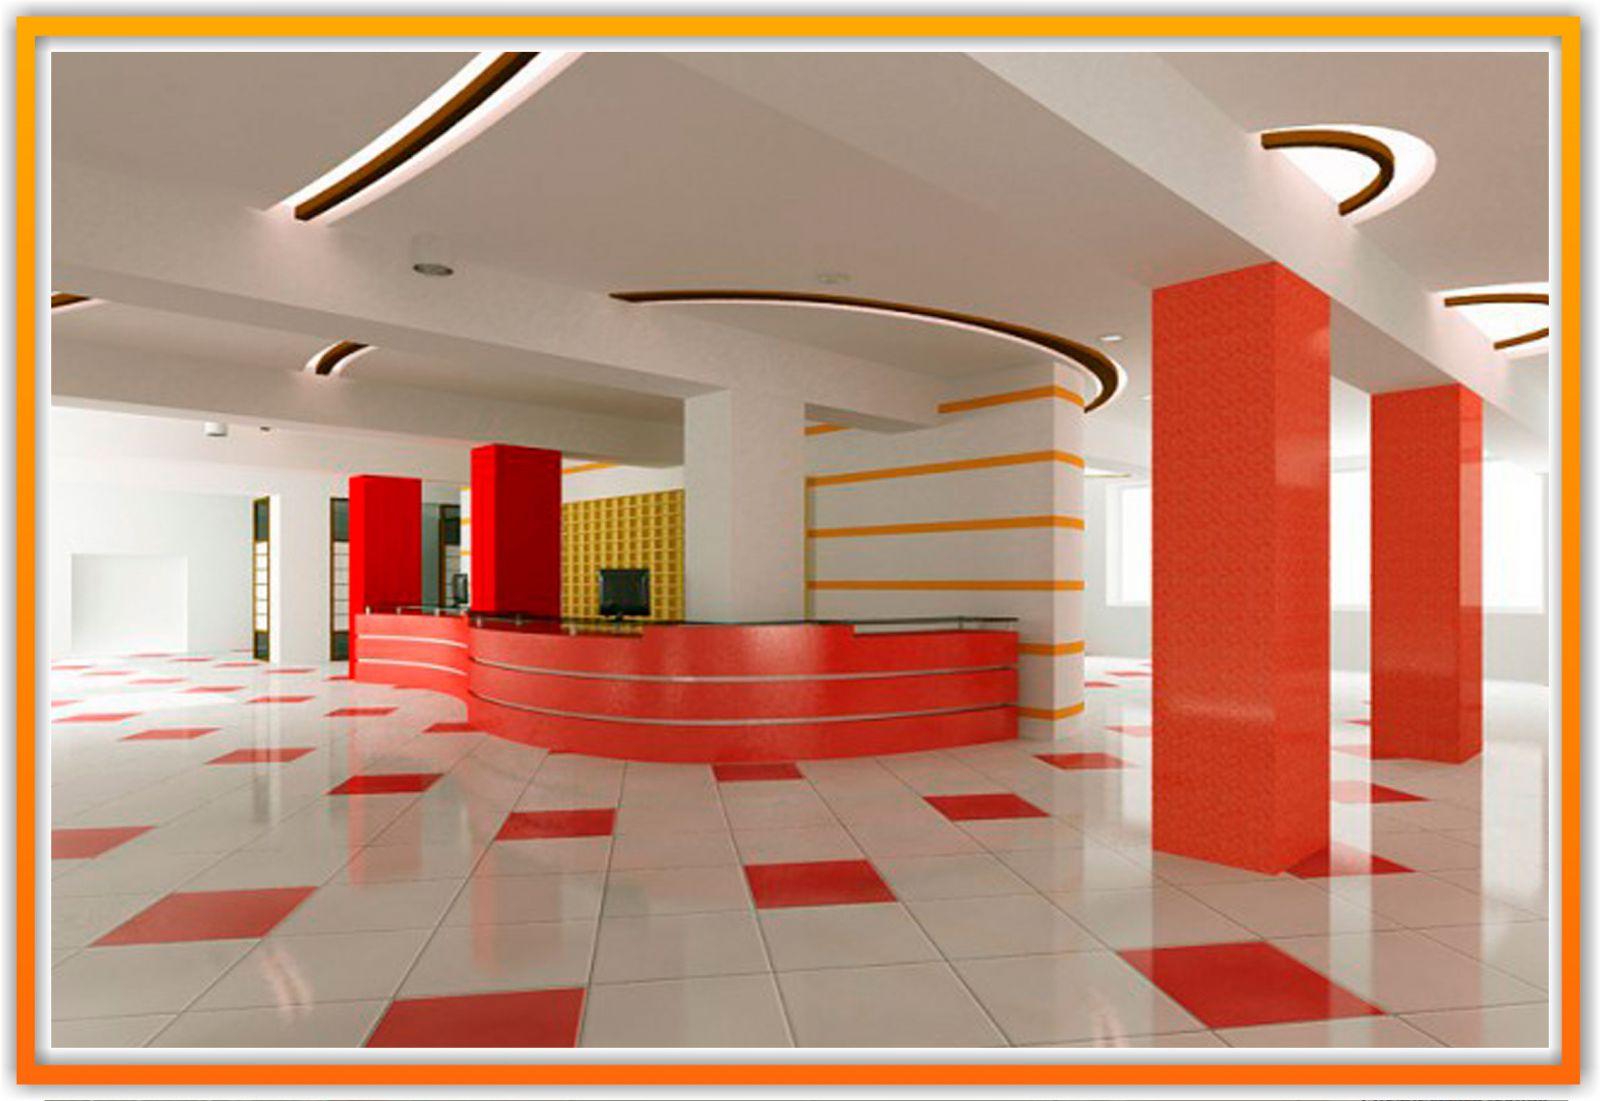 Москва: ofik стройка стандартный или евроремонт квартир -ком.